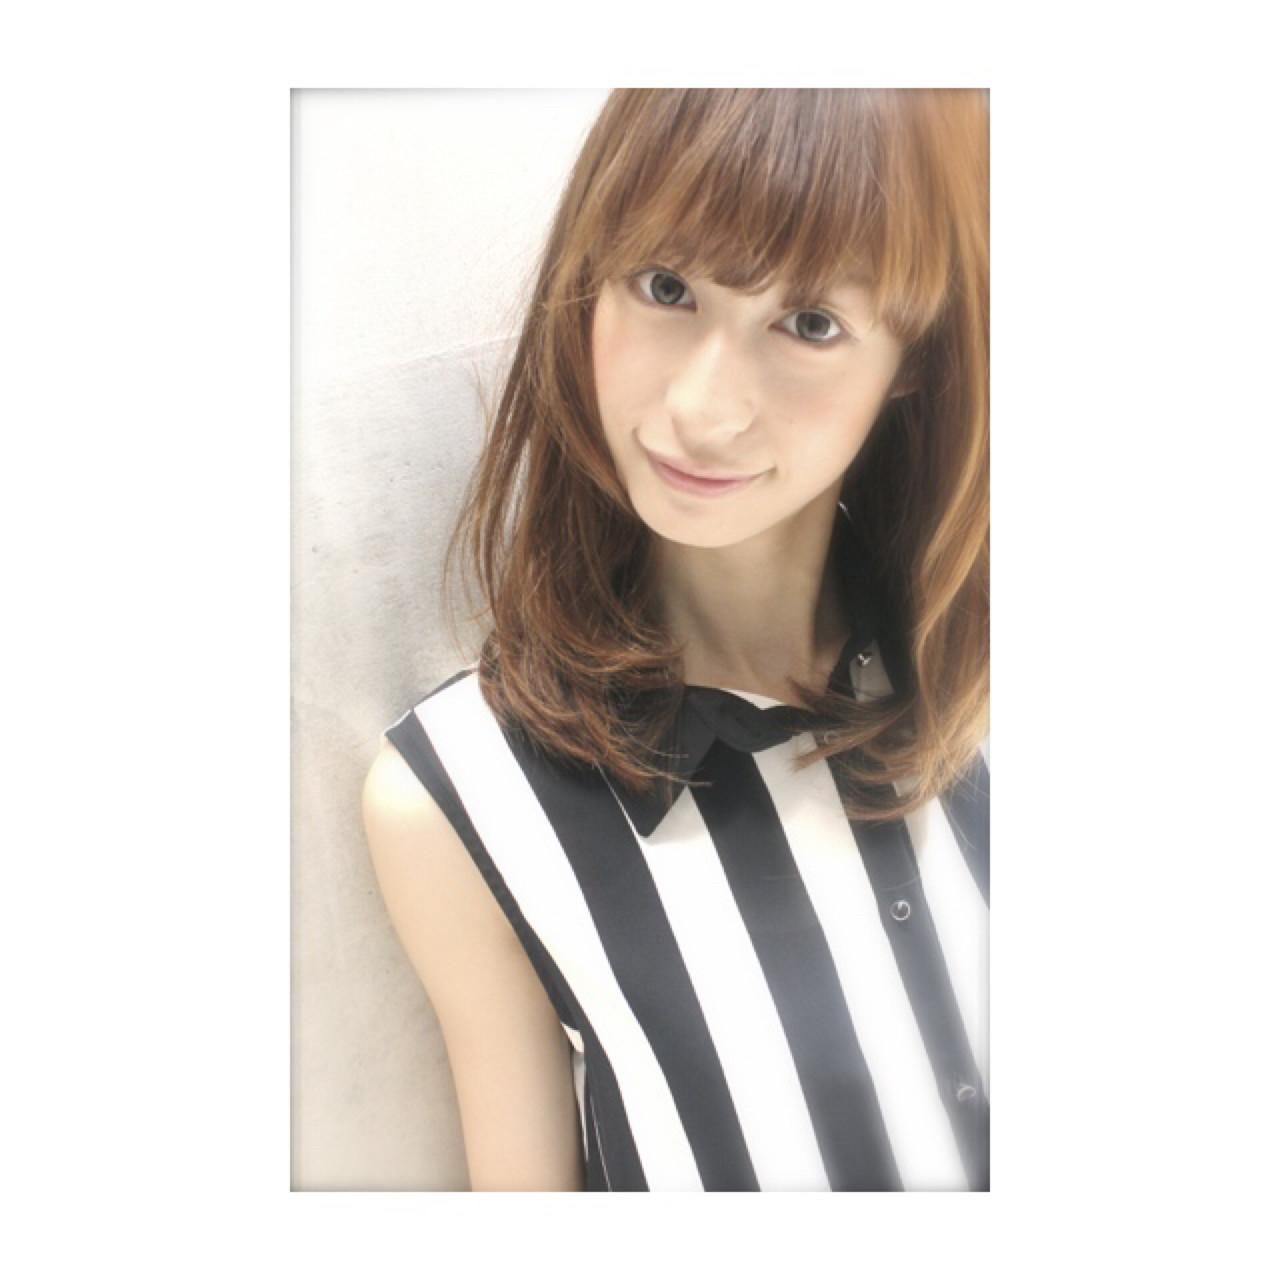 ナチュラル 大人かわいい セミロング アッシュ ヘアスタイルや髪型の写真・画像 | 永田 恭平 /